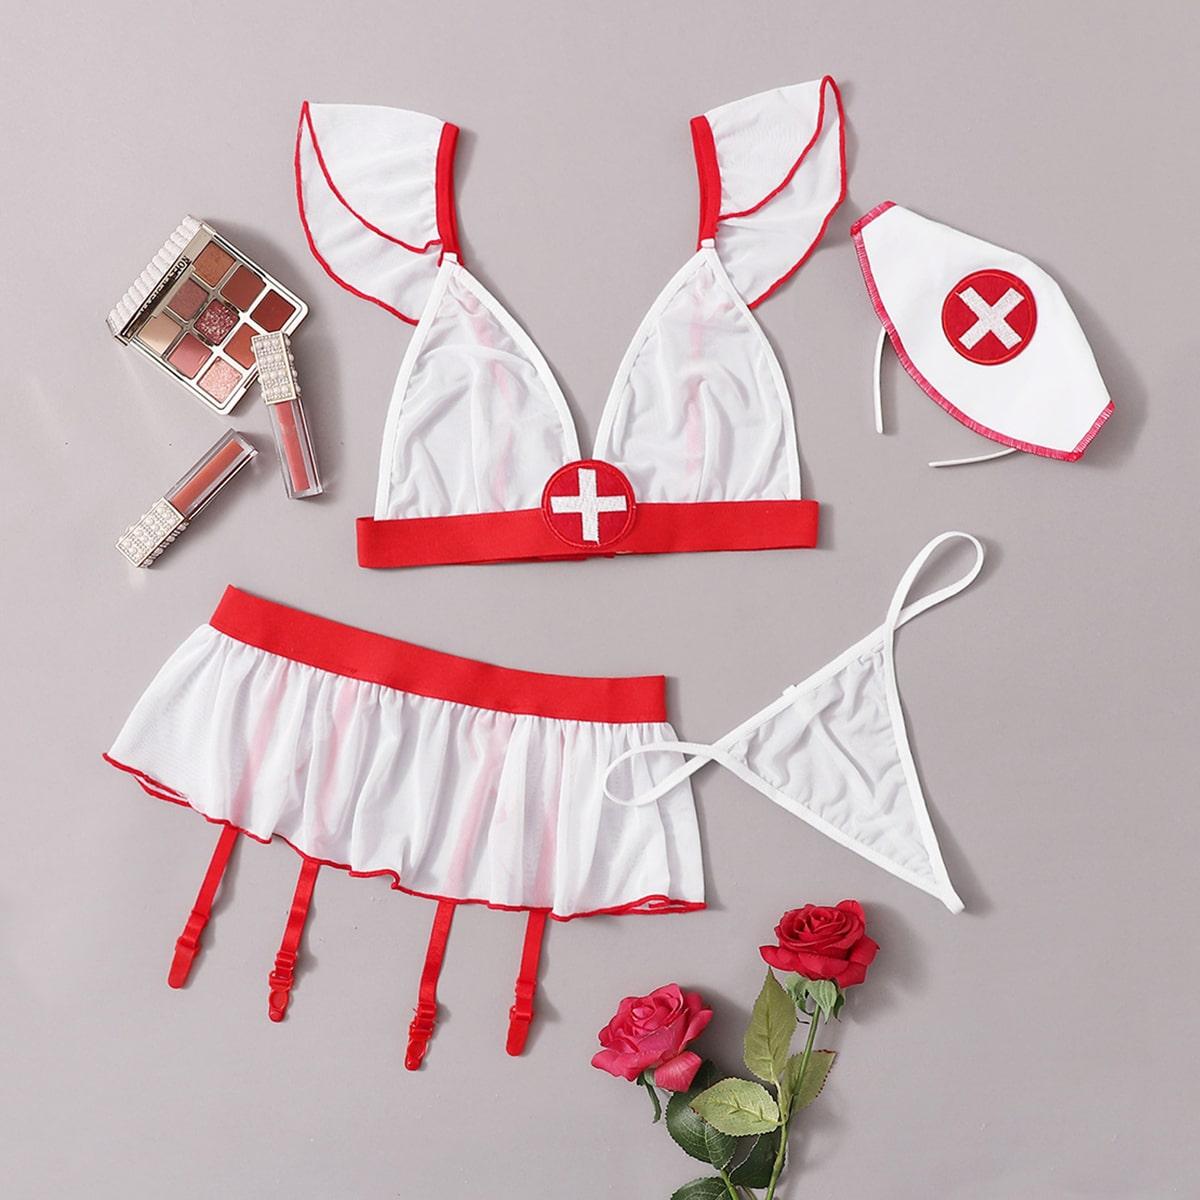 4 пакета повязка на голову и комплект костюма медсестры с подвязками от SHEIN